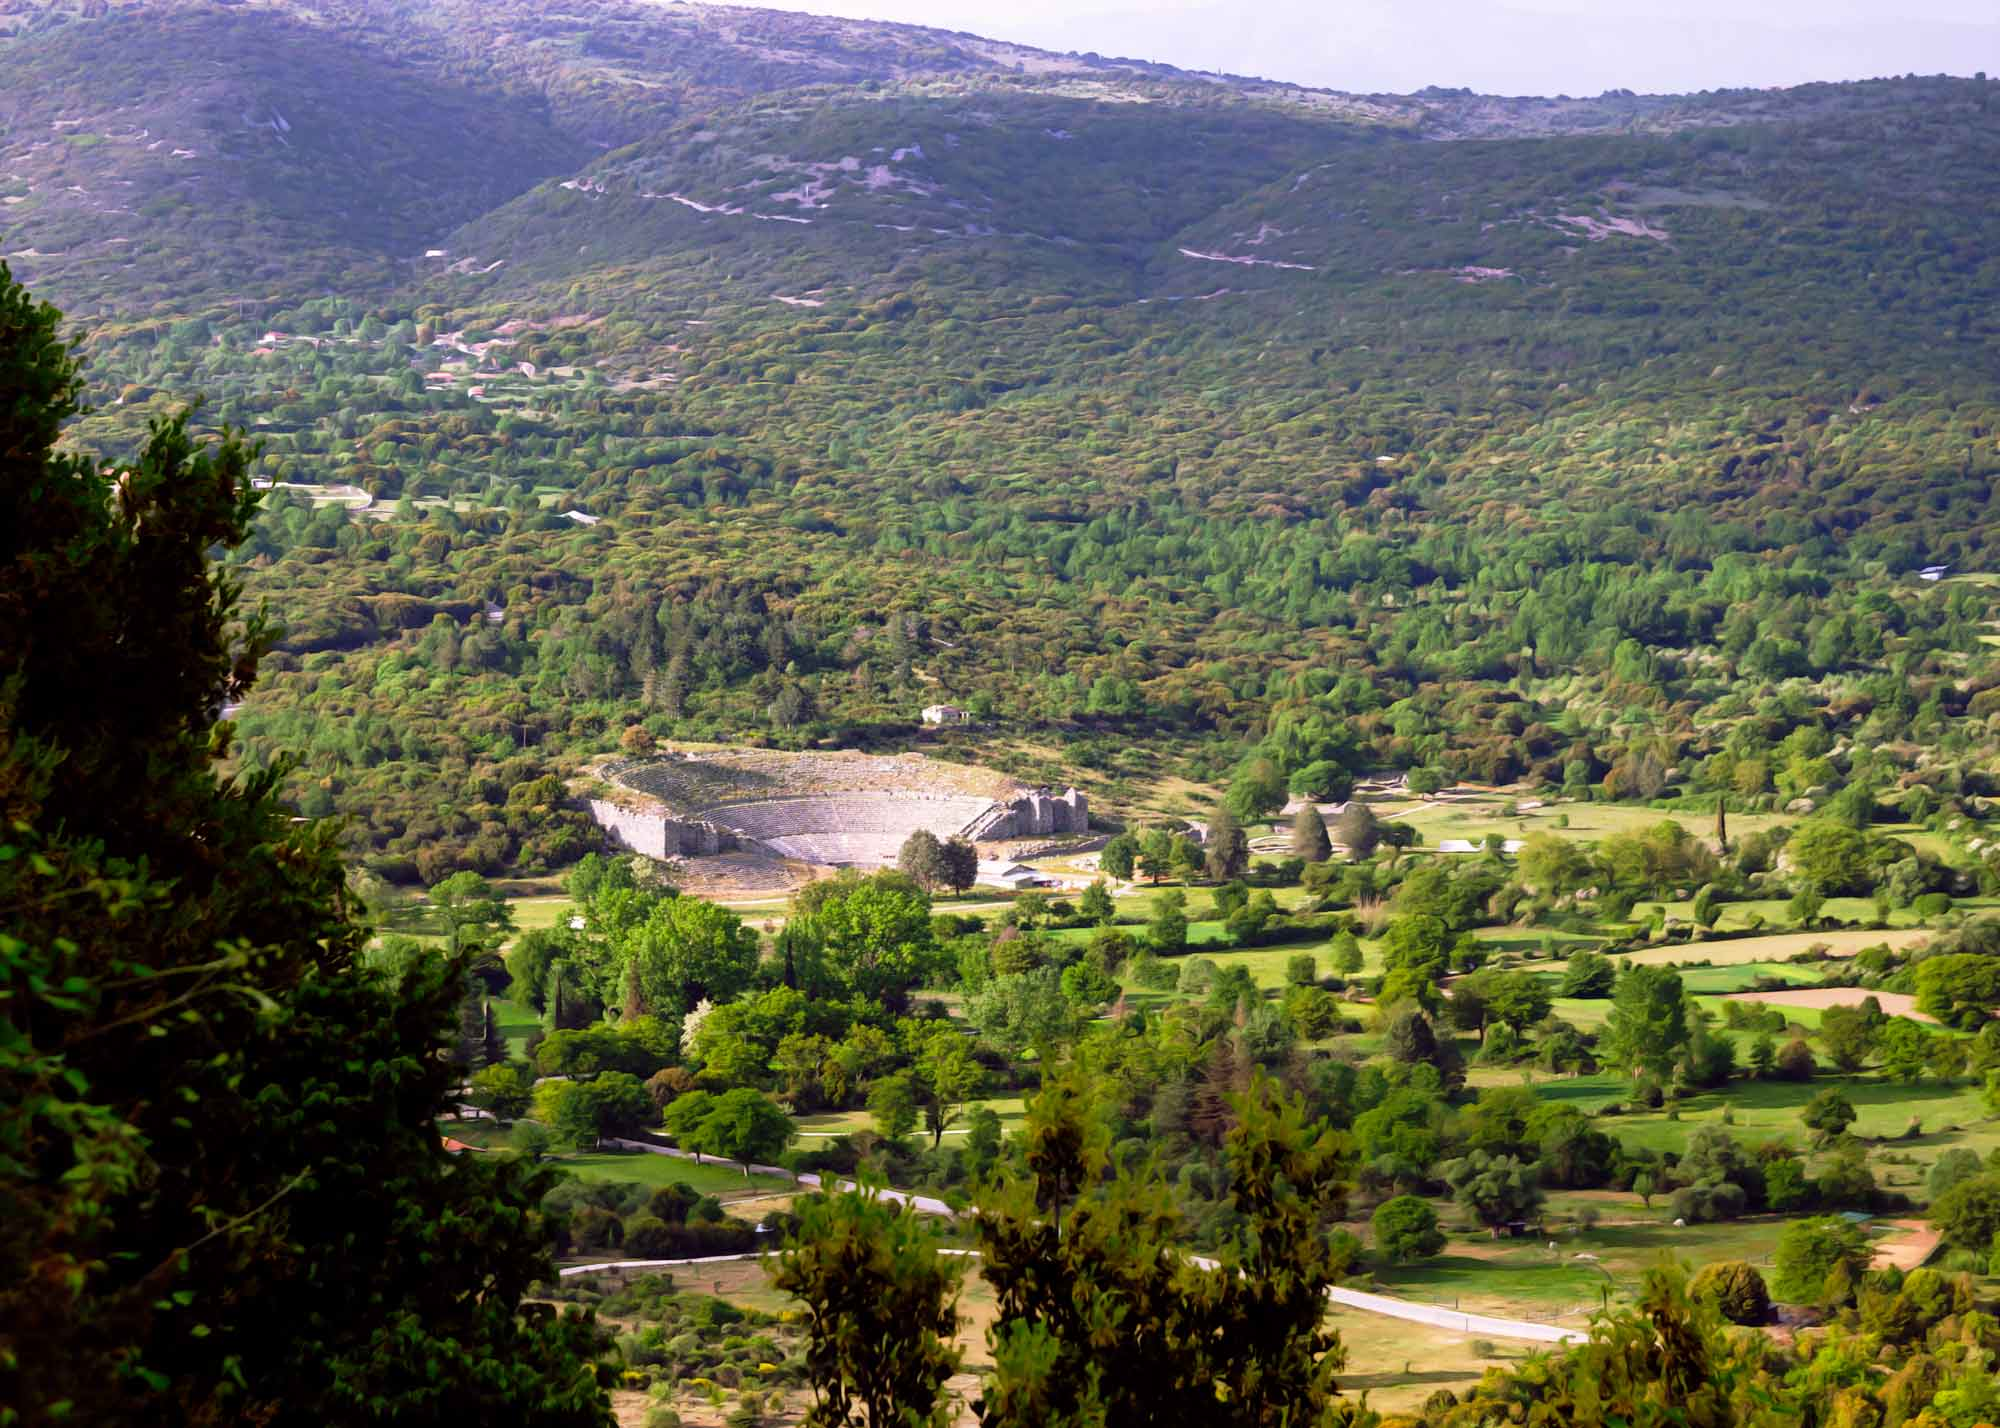 древнегреческий театр в Додони, древнейшее сятилище Греции